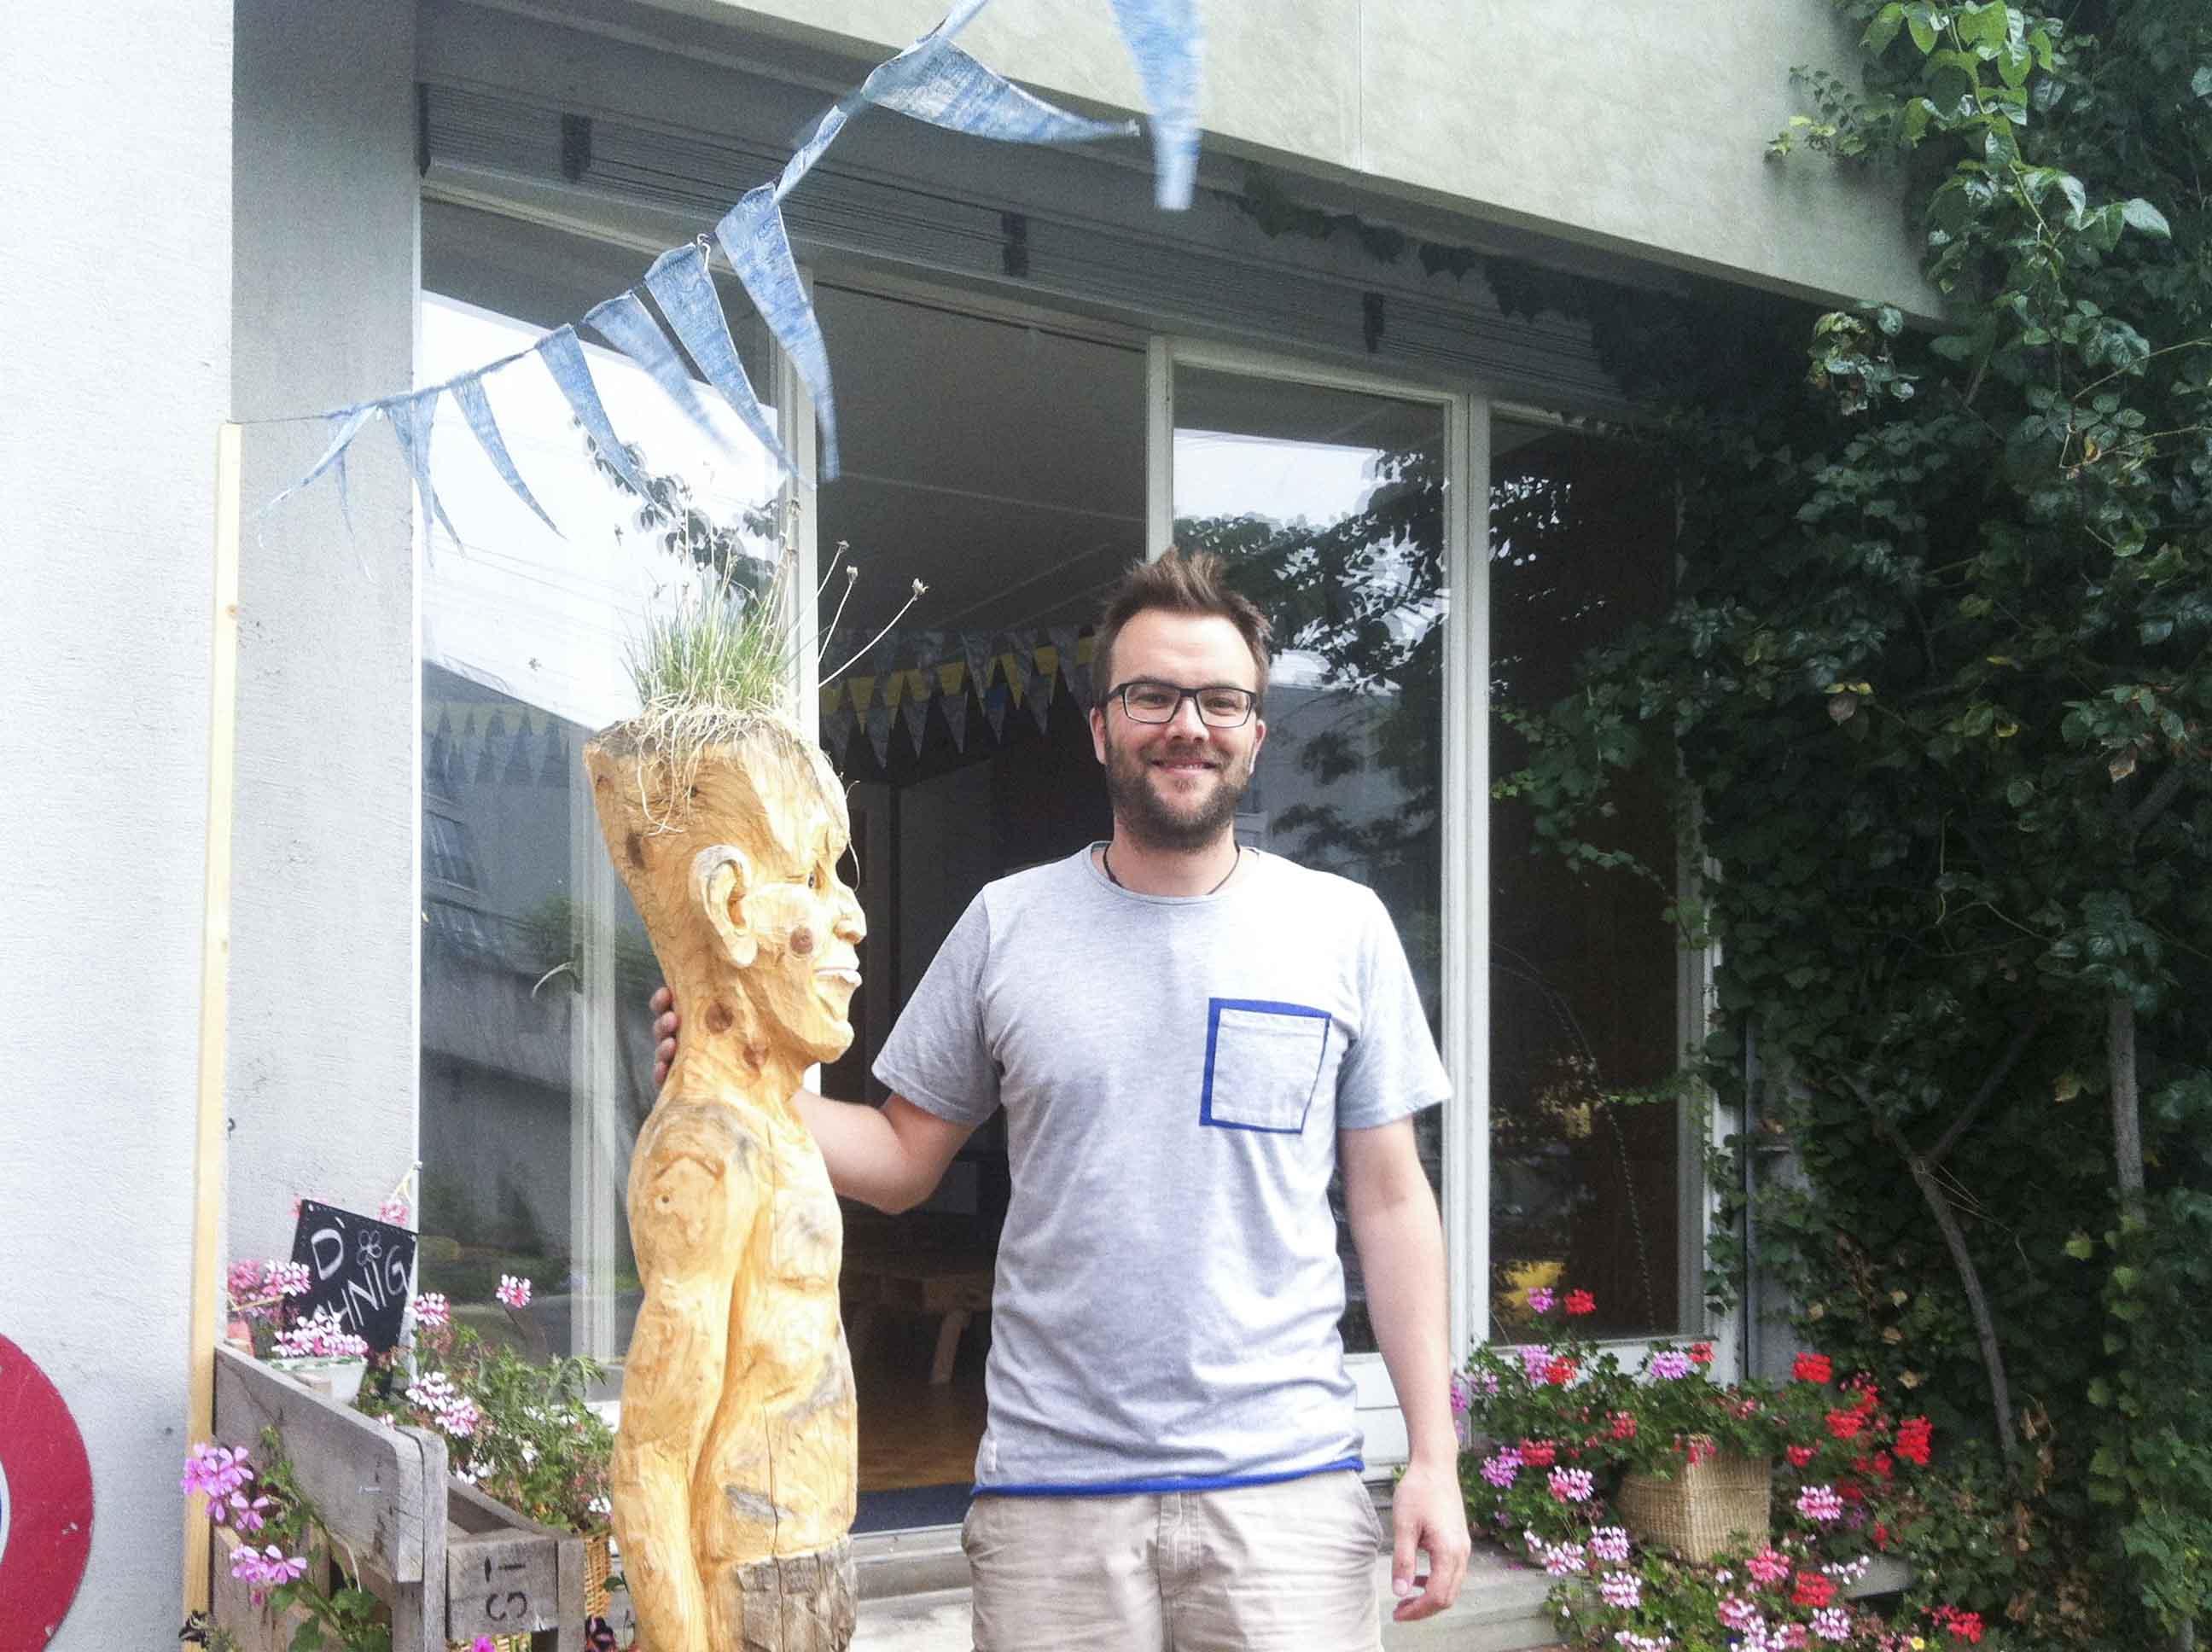 Patrick Bützer mit Holzkumpel vor der Wohnig.